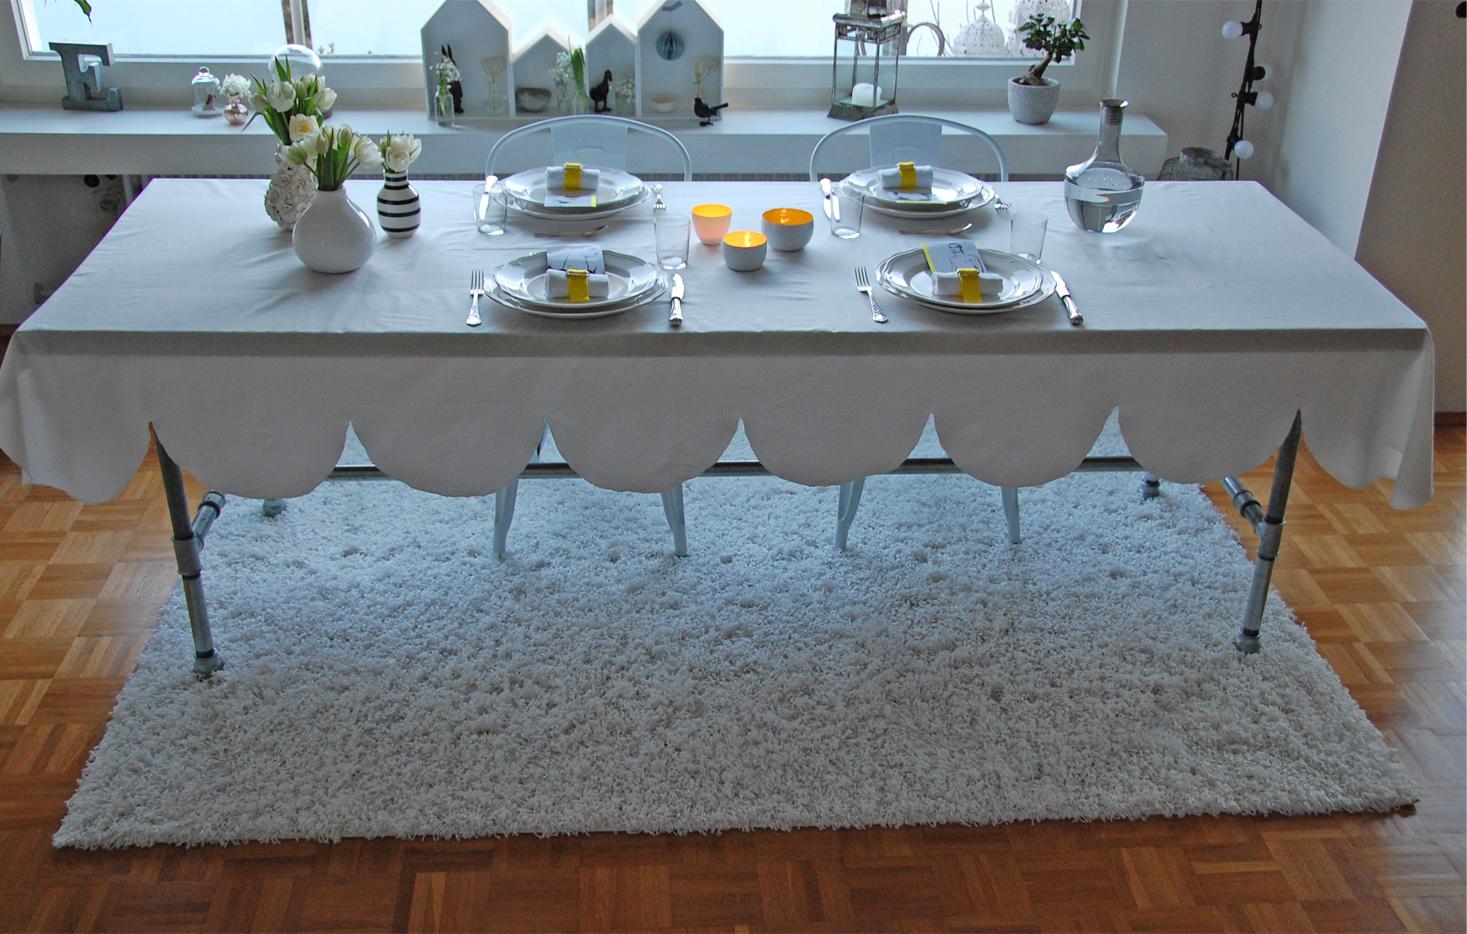 Tischdeko in wei und gelb roomilicious - Ikea glastisch dekorieren ...